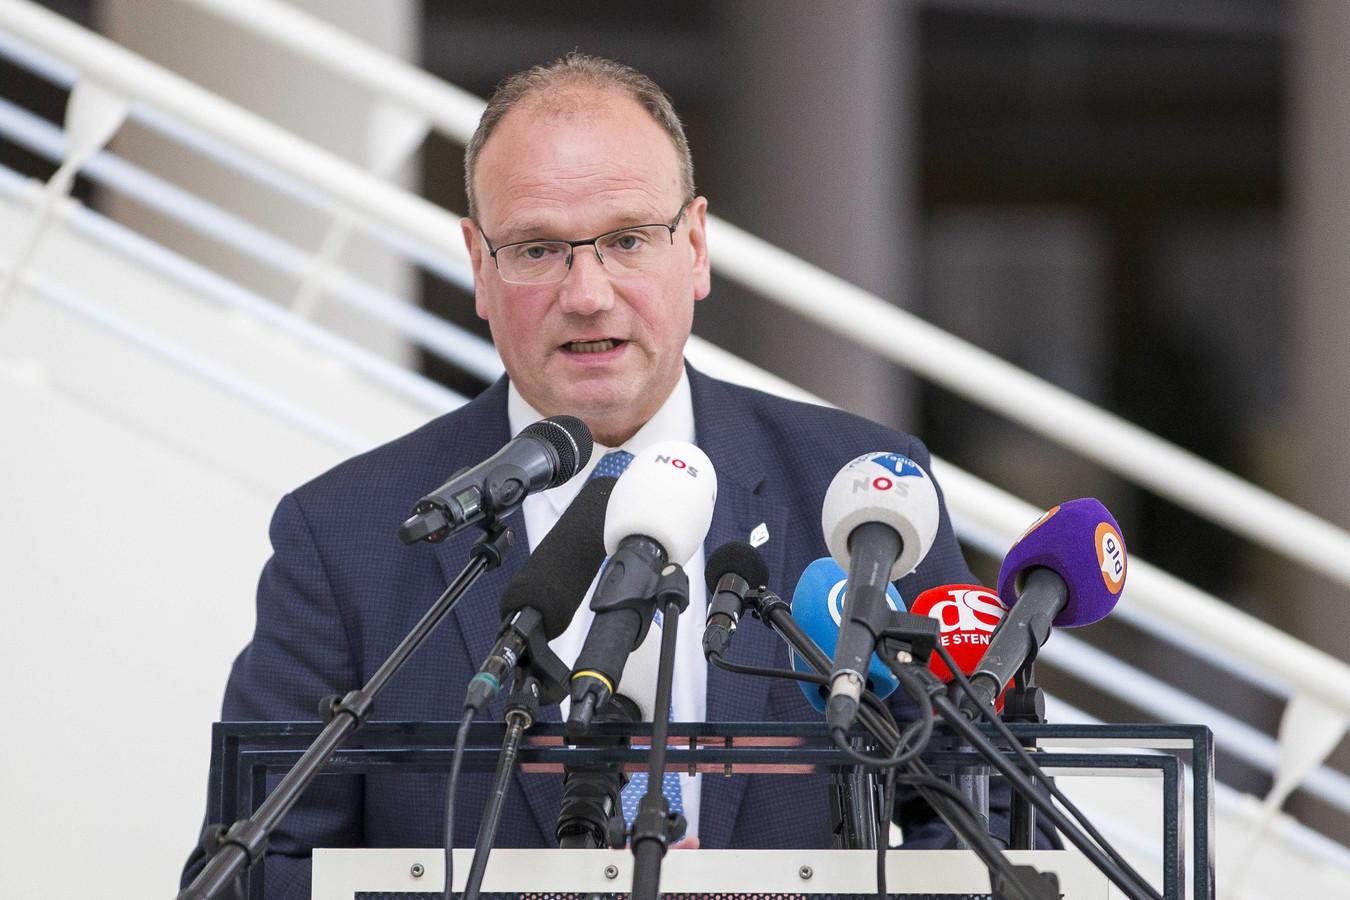 Ton Heerts, burgemeester van Apeldoorn en voorzitter van de veiligheidsregio Noord- en Oost-Gelderland: ,,Als we langdurig boven de signaalwaarde blijven zitten dan krijgen we vanzelf het debat over een opschaling naar de alarmfase zorgelijk.''